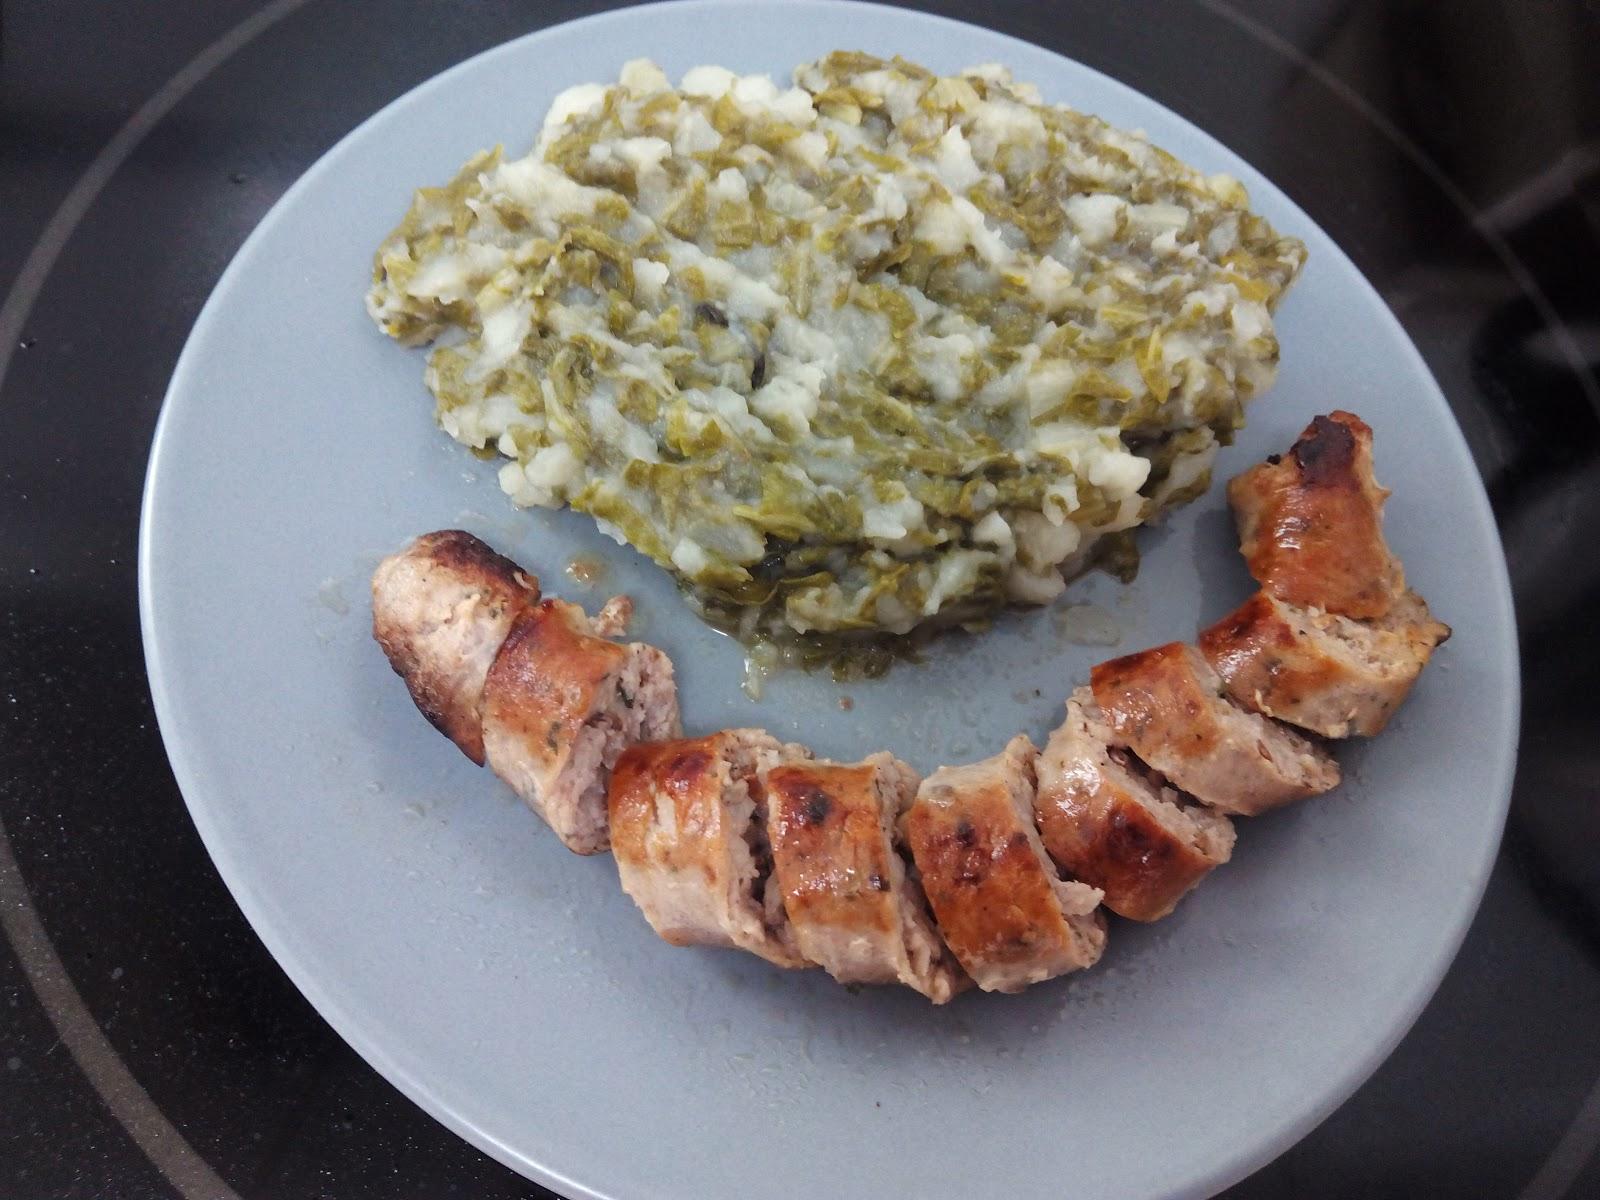 Cocina con rachel acelgas con patatas y butifarra de setas - Racholas cocina ...